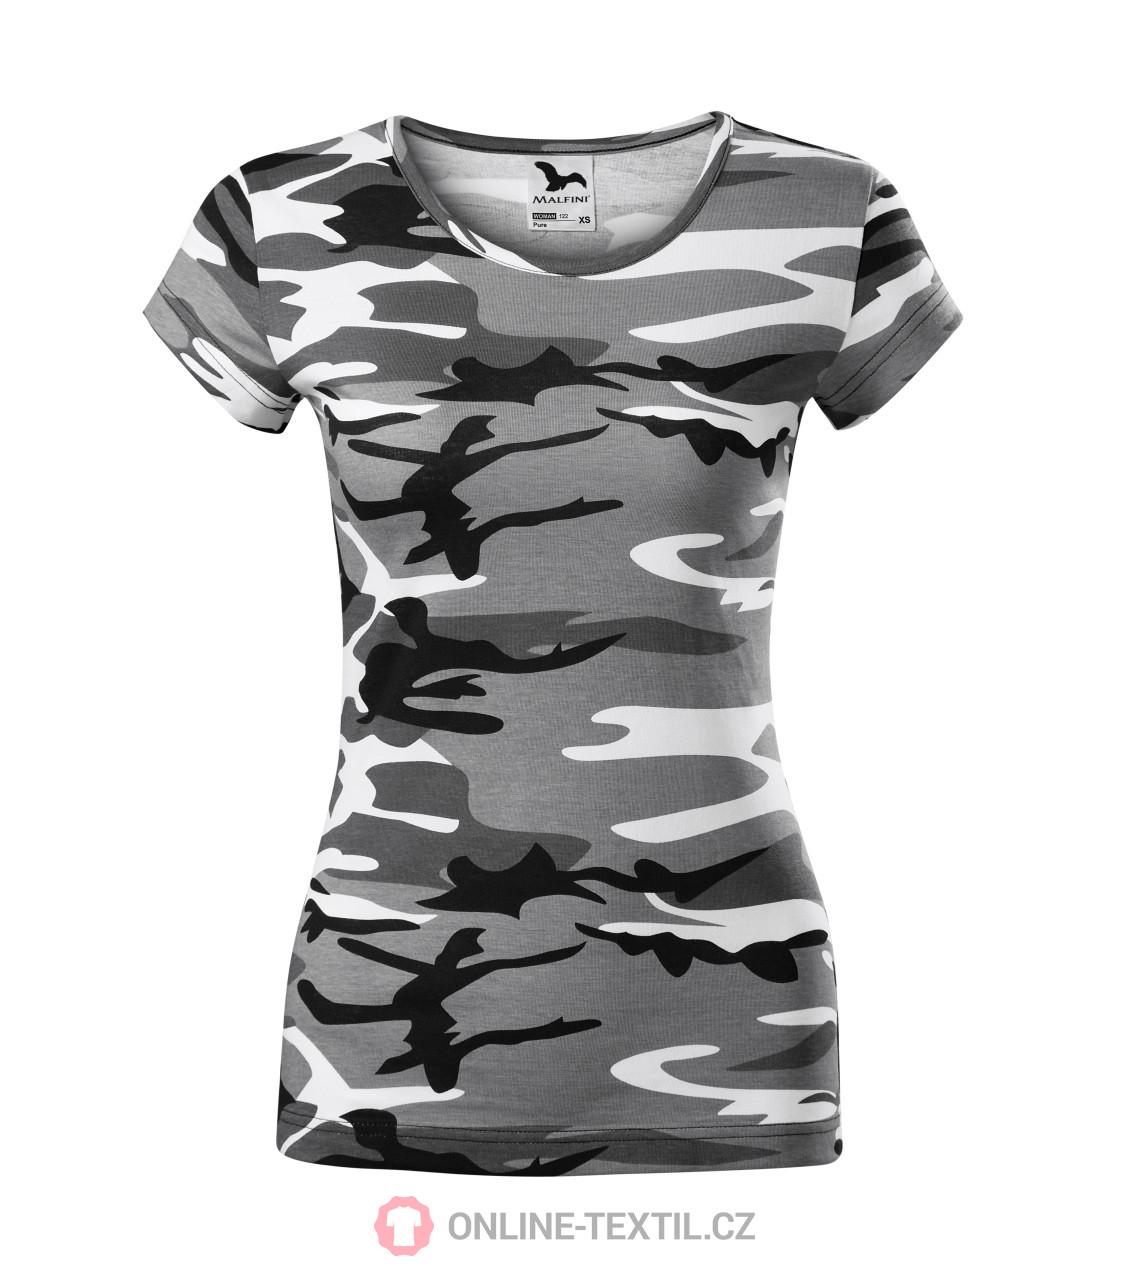 ADLER CZECH Tričká dámske Pure 122 - camouflage gray z kolekcie ... 138123e1562